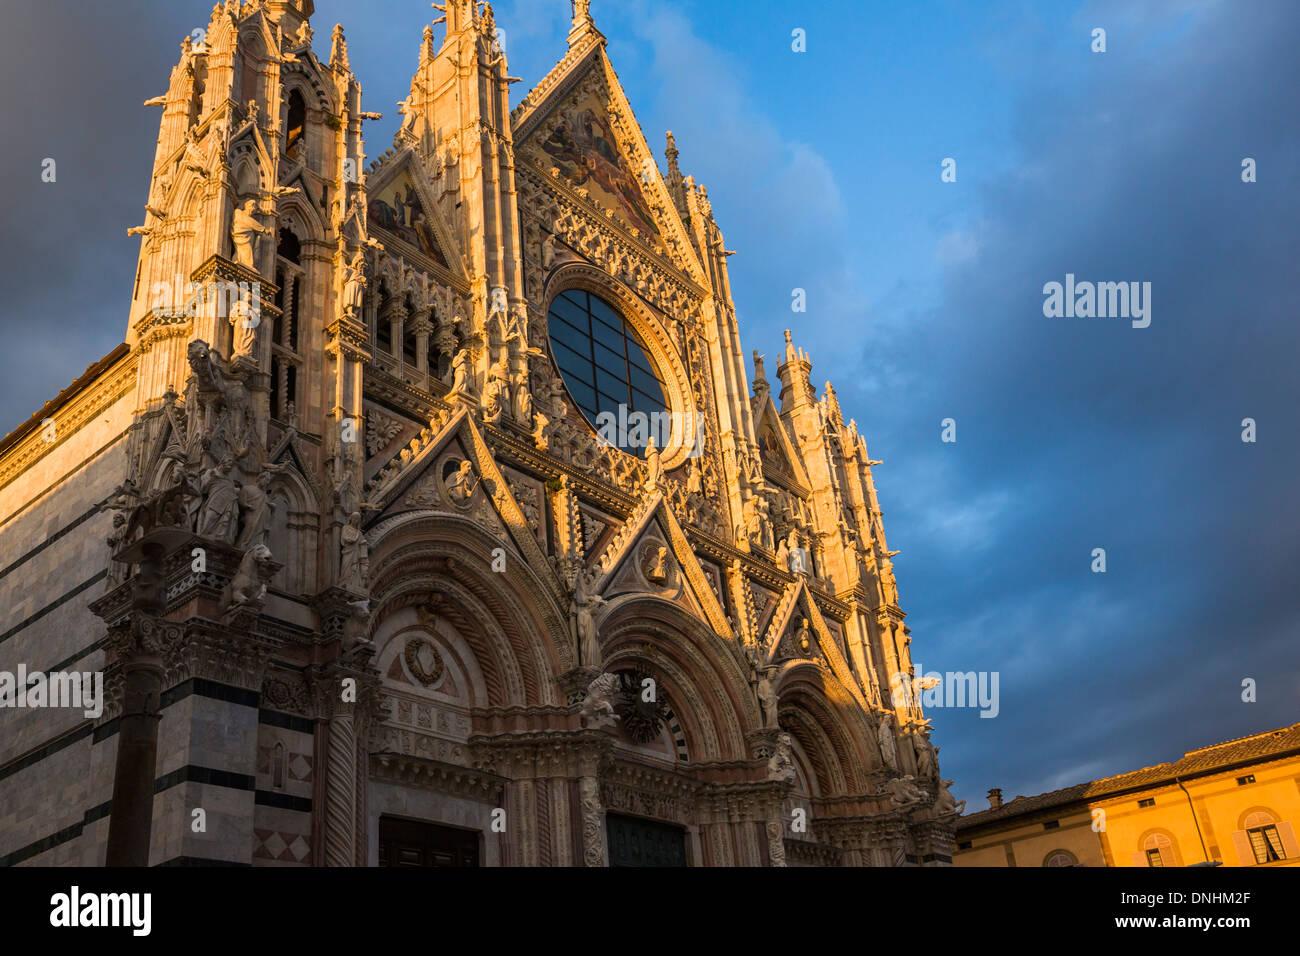 Niedrigen Winkel Blick auf eine Kathedrale, Dom von Siena, Siena, Provinz Siena, Toskana, Italien Stockfoto